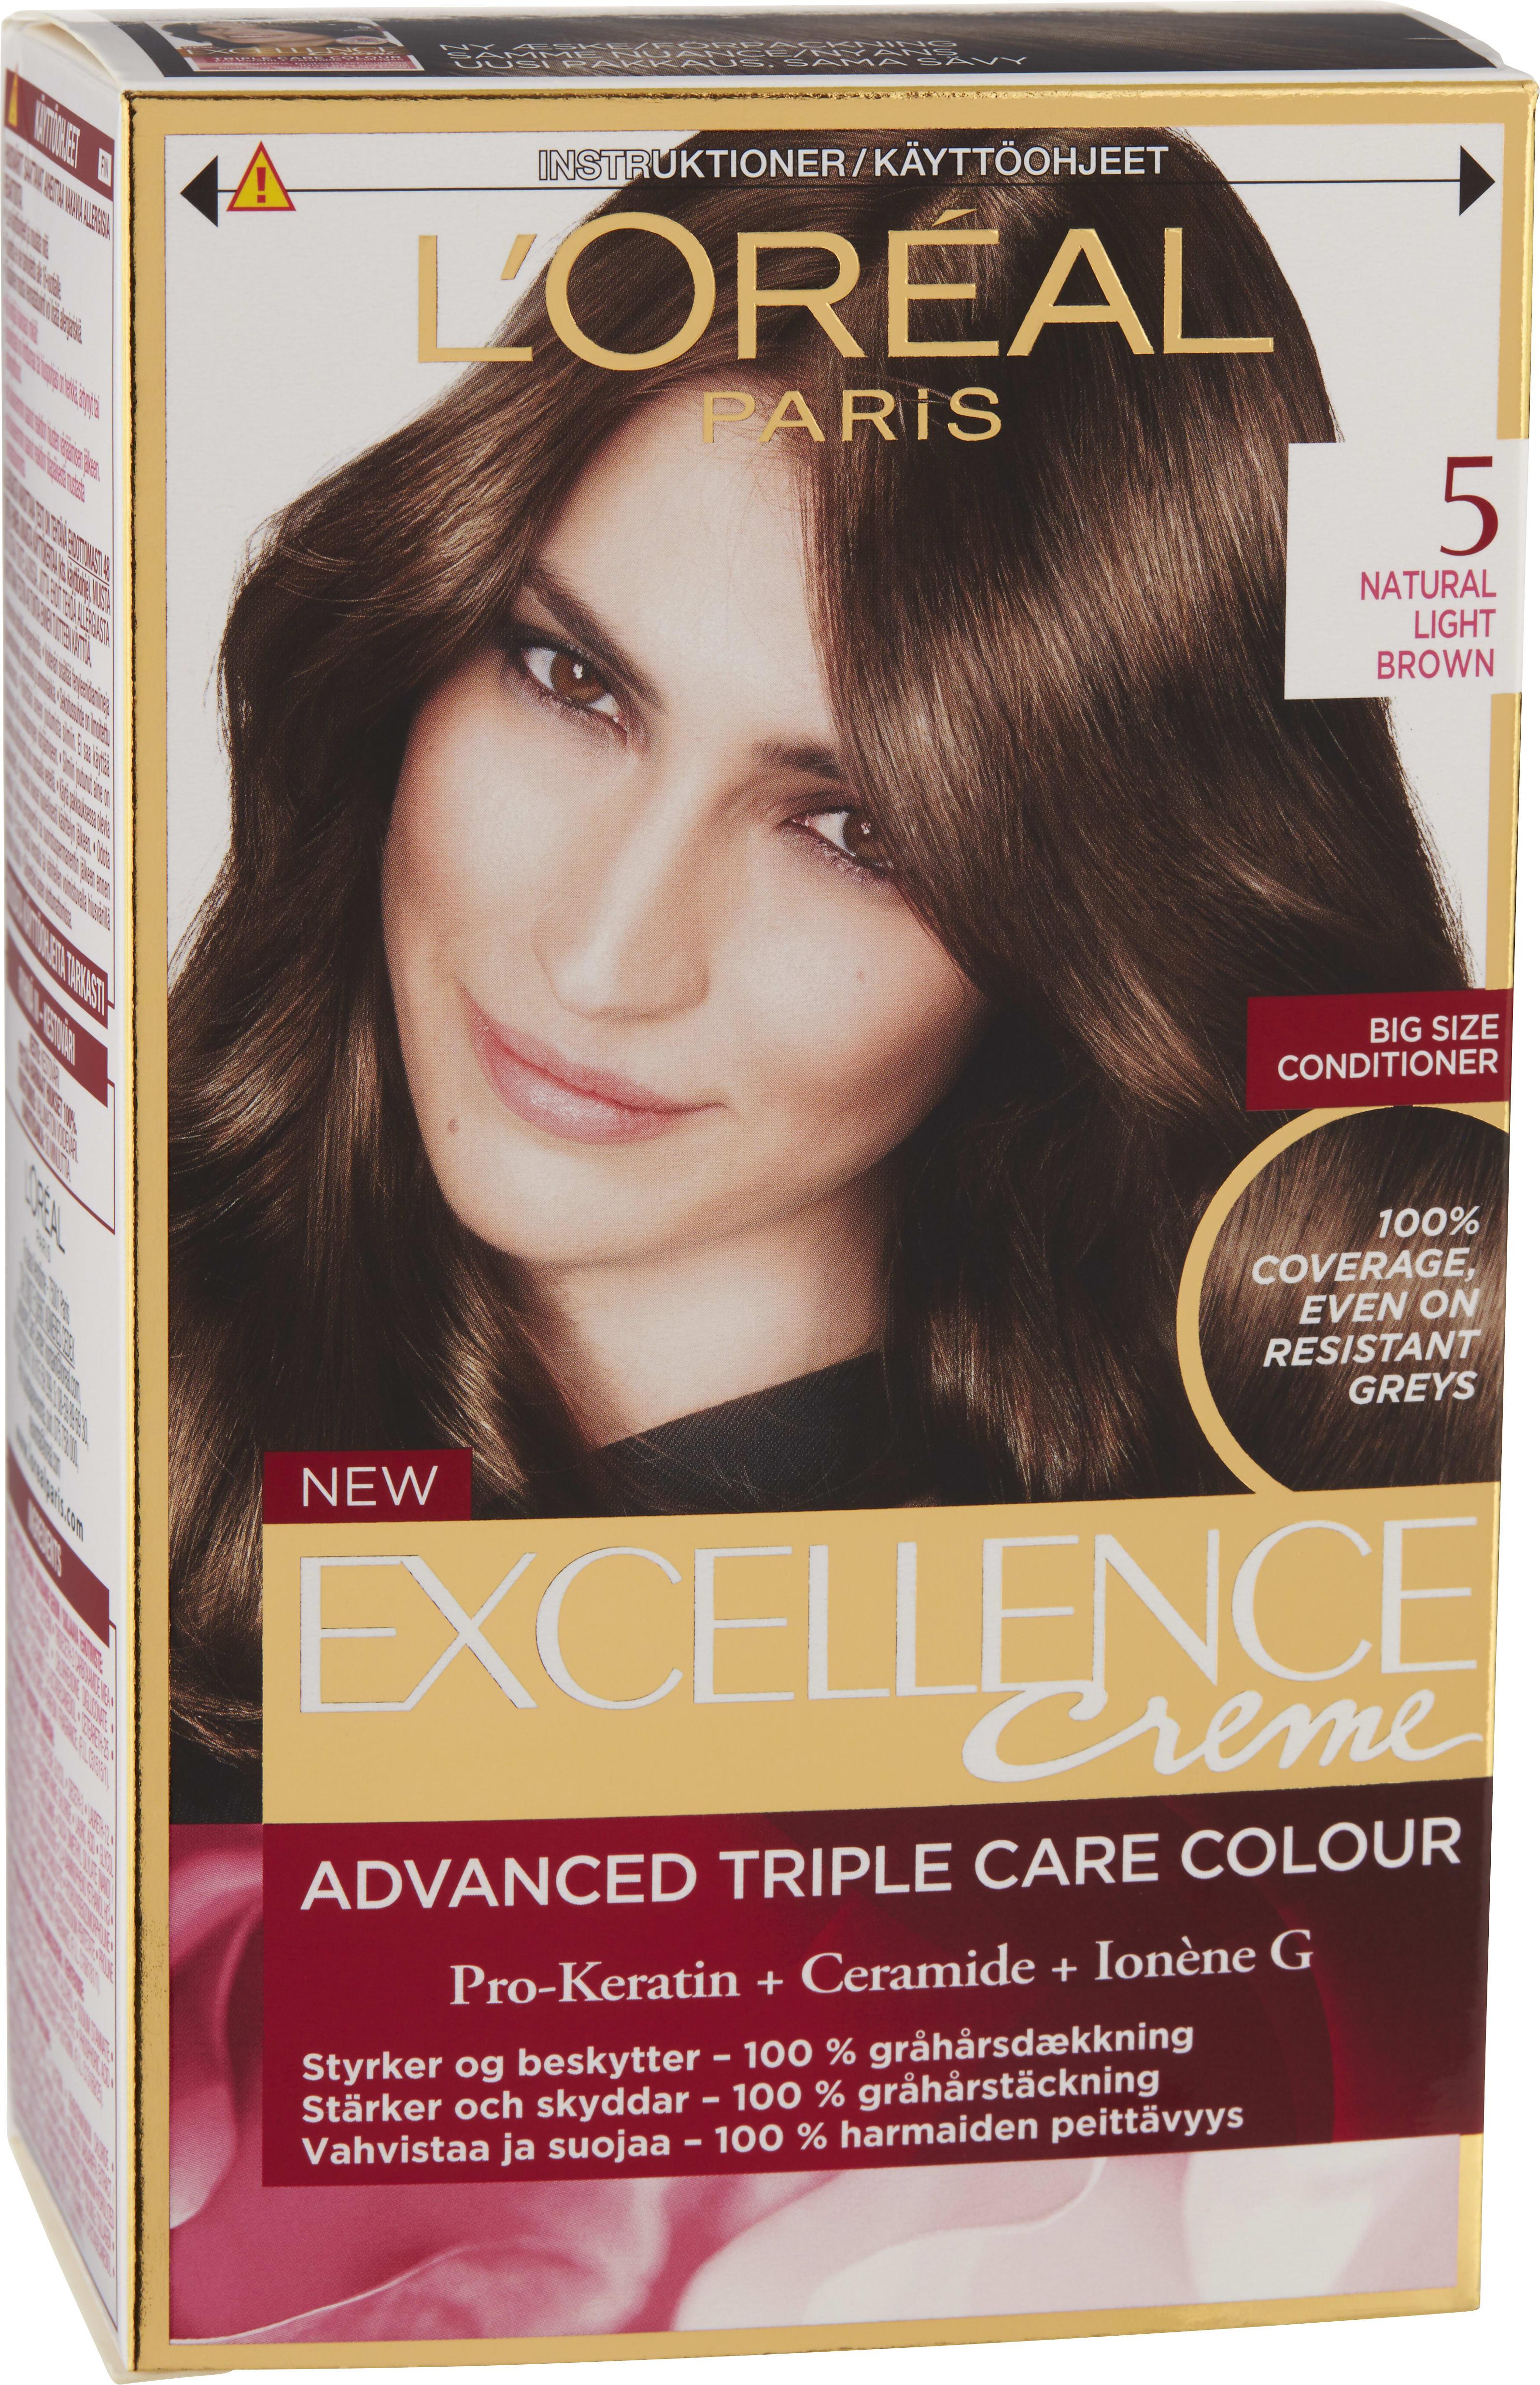 loreal hårfärg askblond